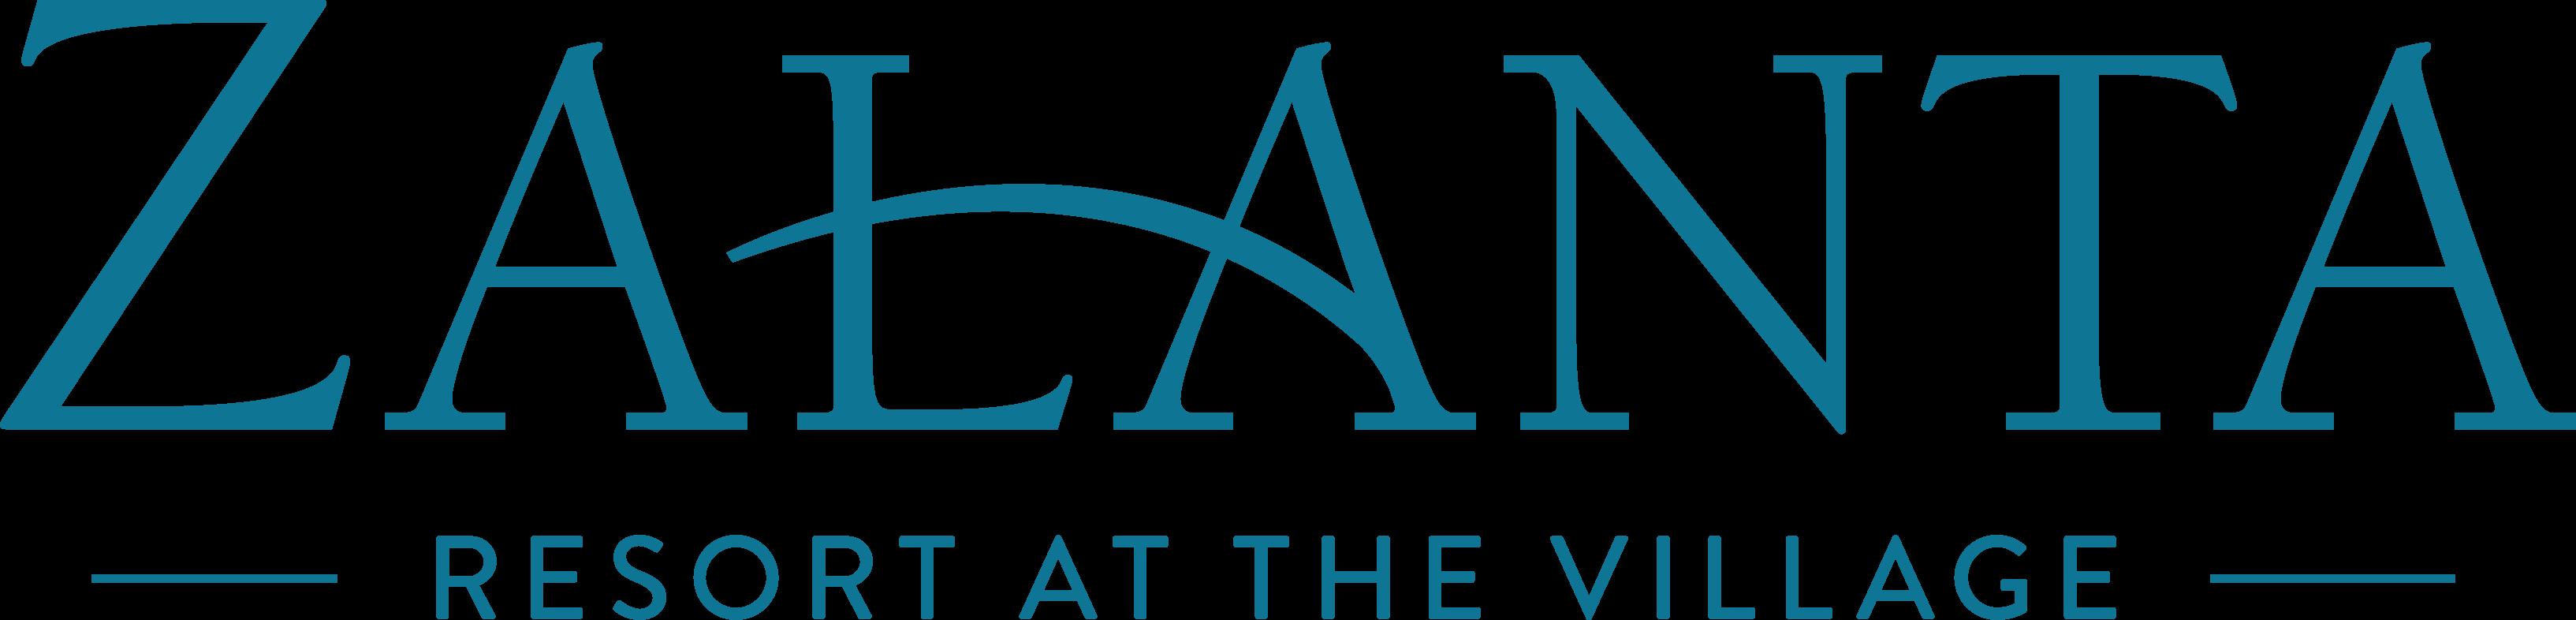 Zalanta Logo Blue